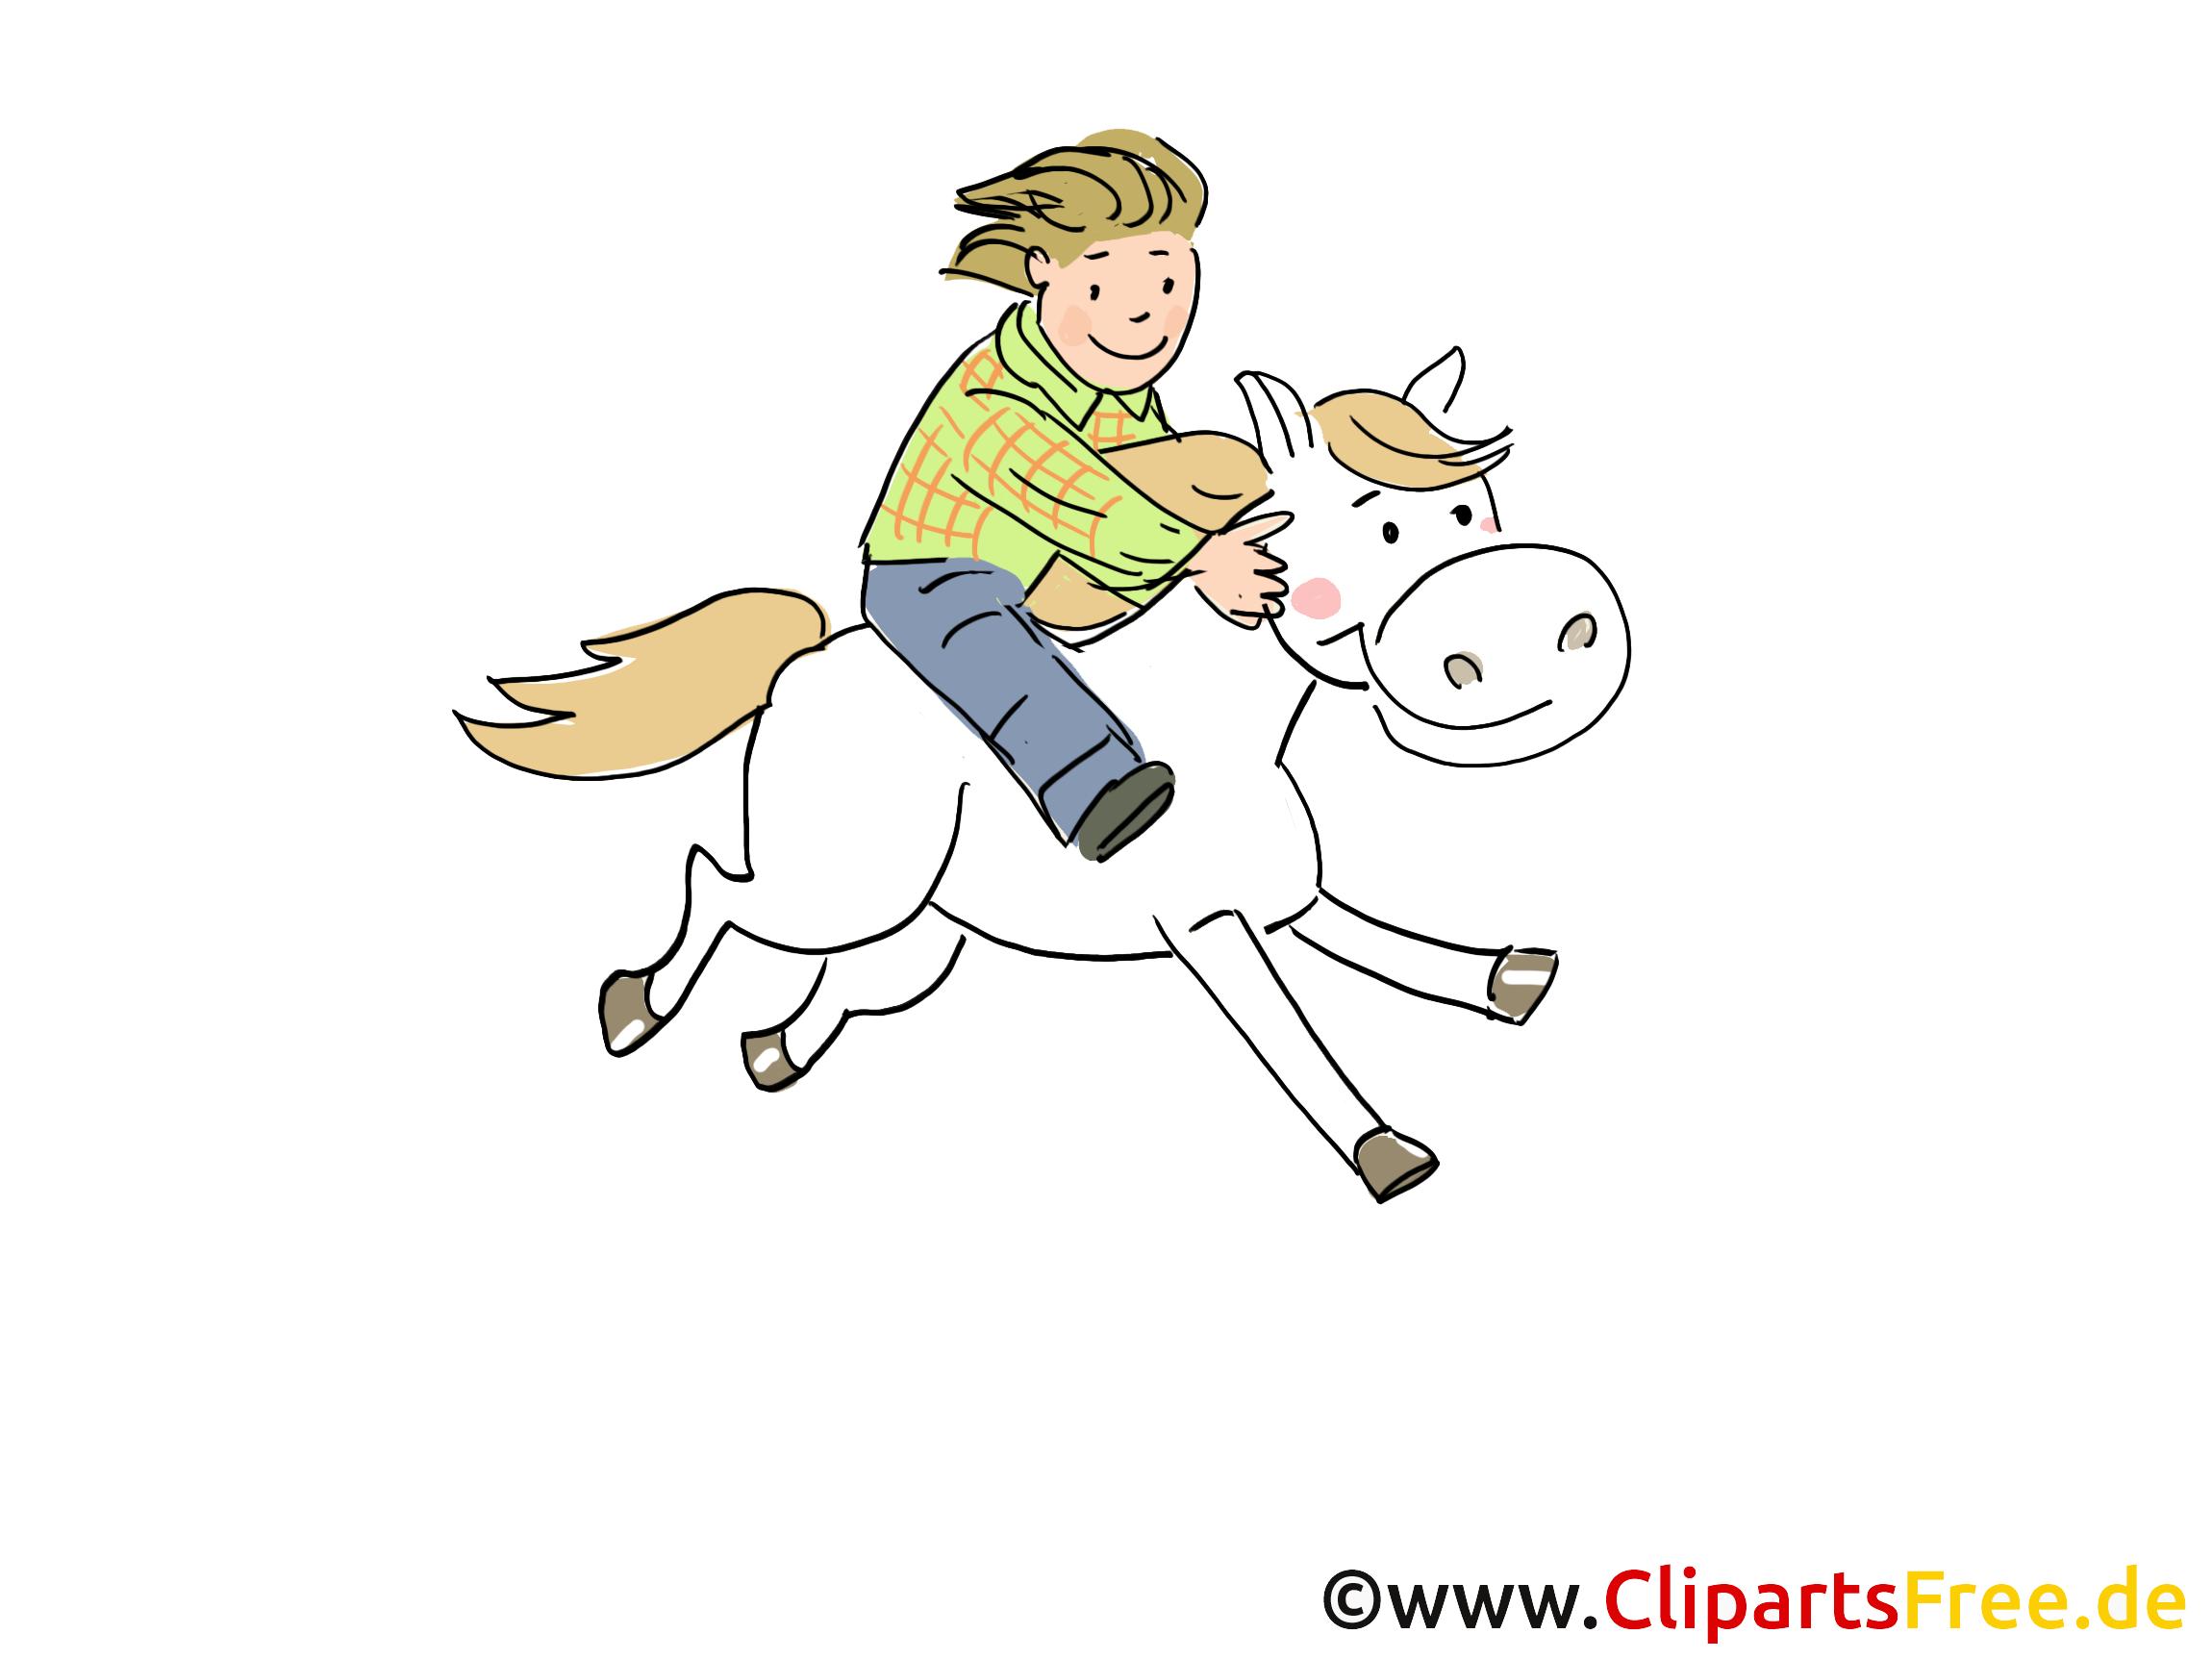 Cheval dessin gratuit ferme image ferme dessin - Clipart cheval gratuit ...